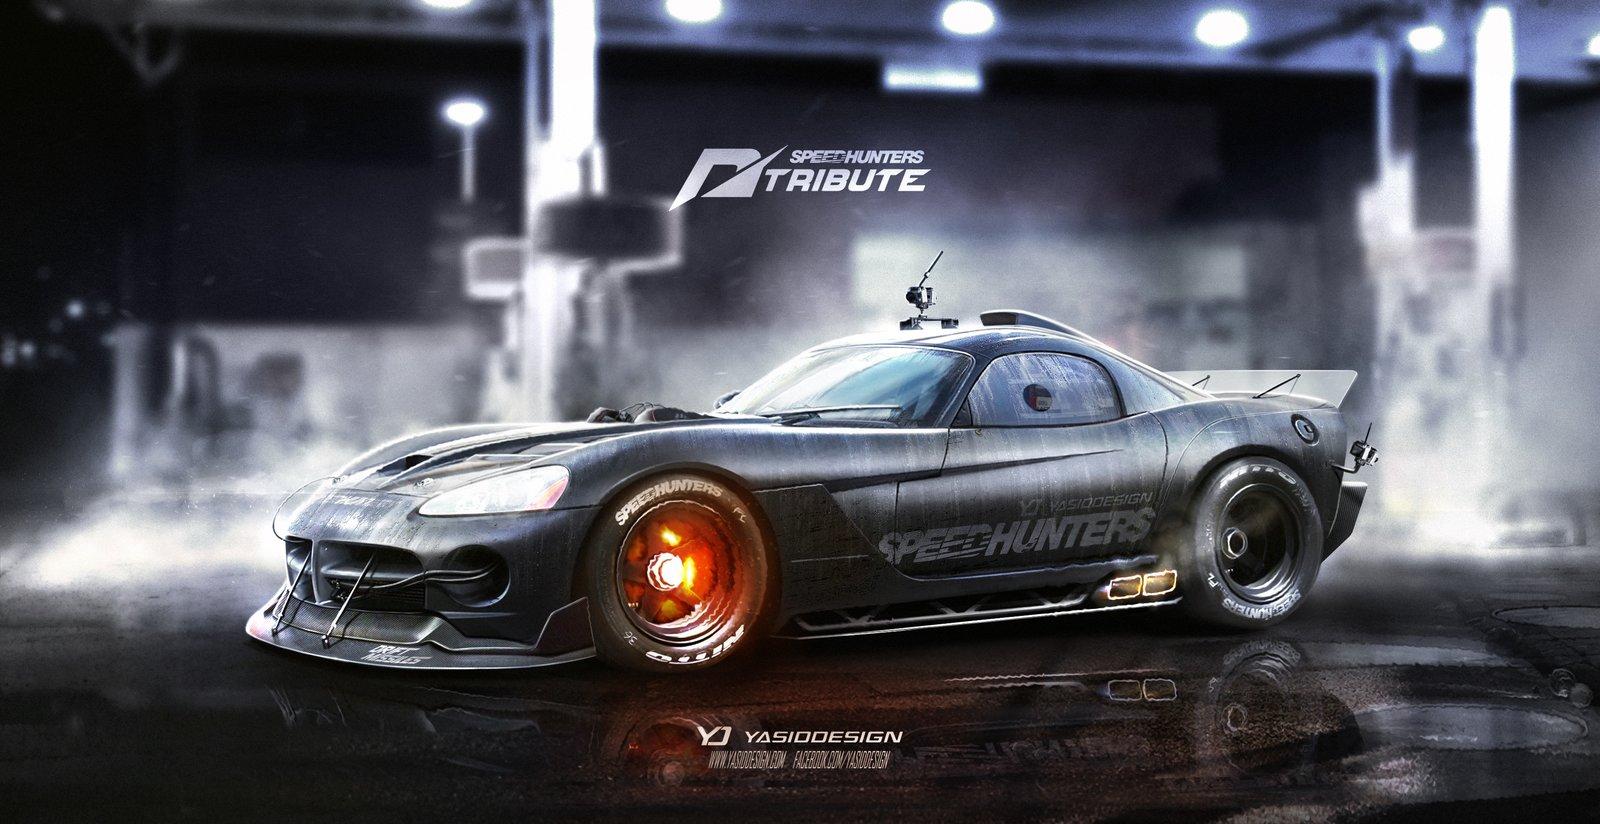 Speedhunters Dodge Viper SRT Need for speed V2